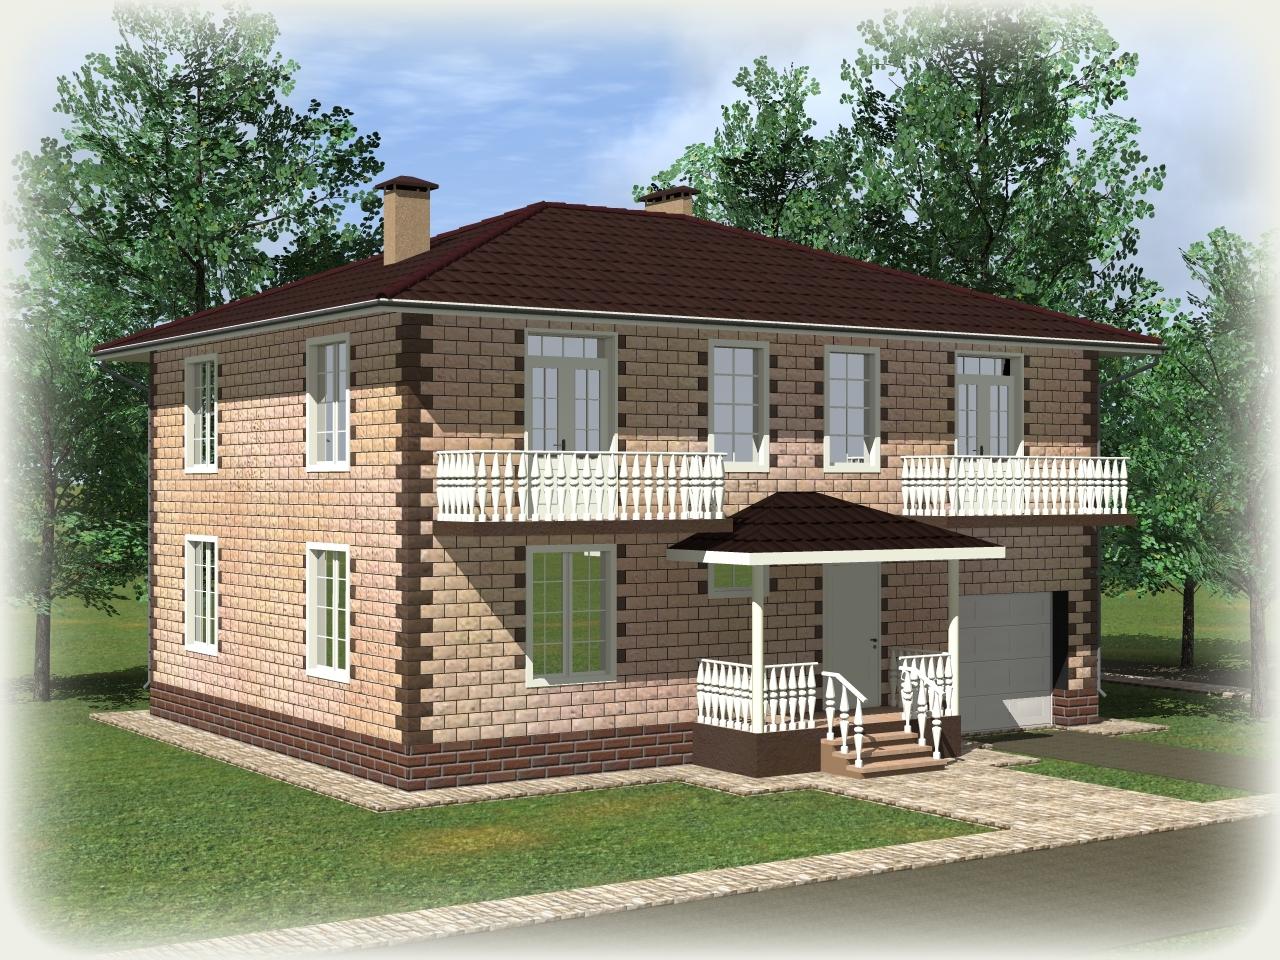 станет проекты домов из теплоблоков с гаражом фото поздравить днем семьи